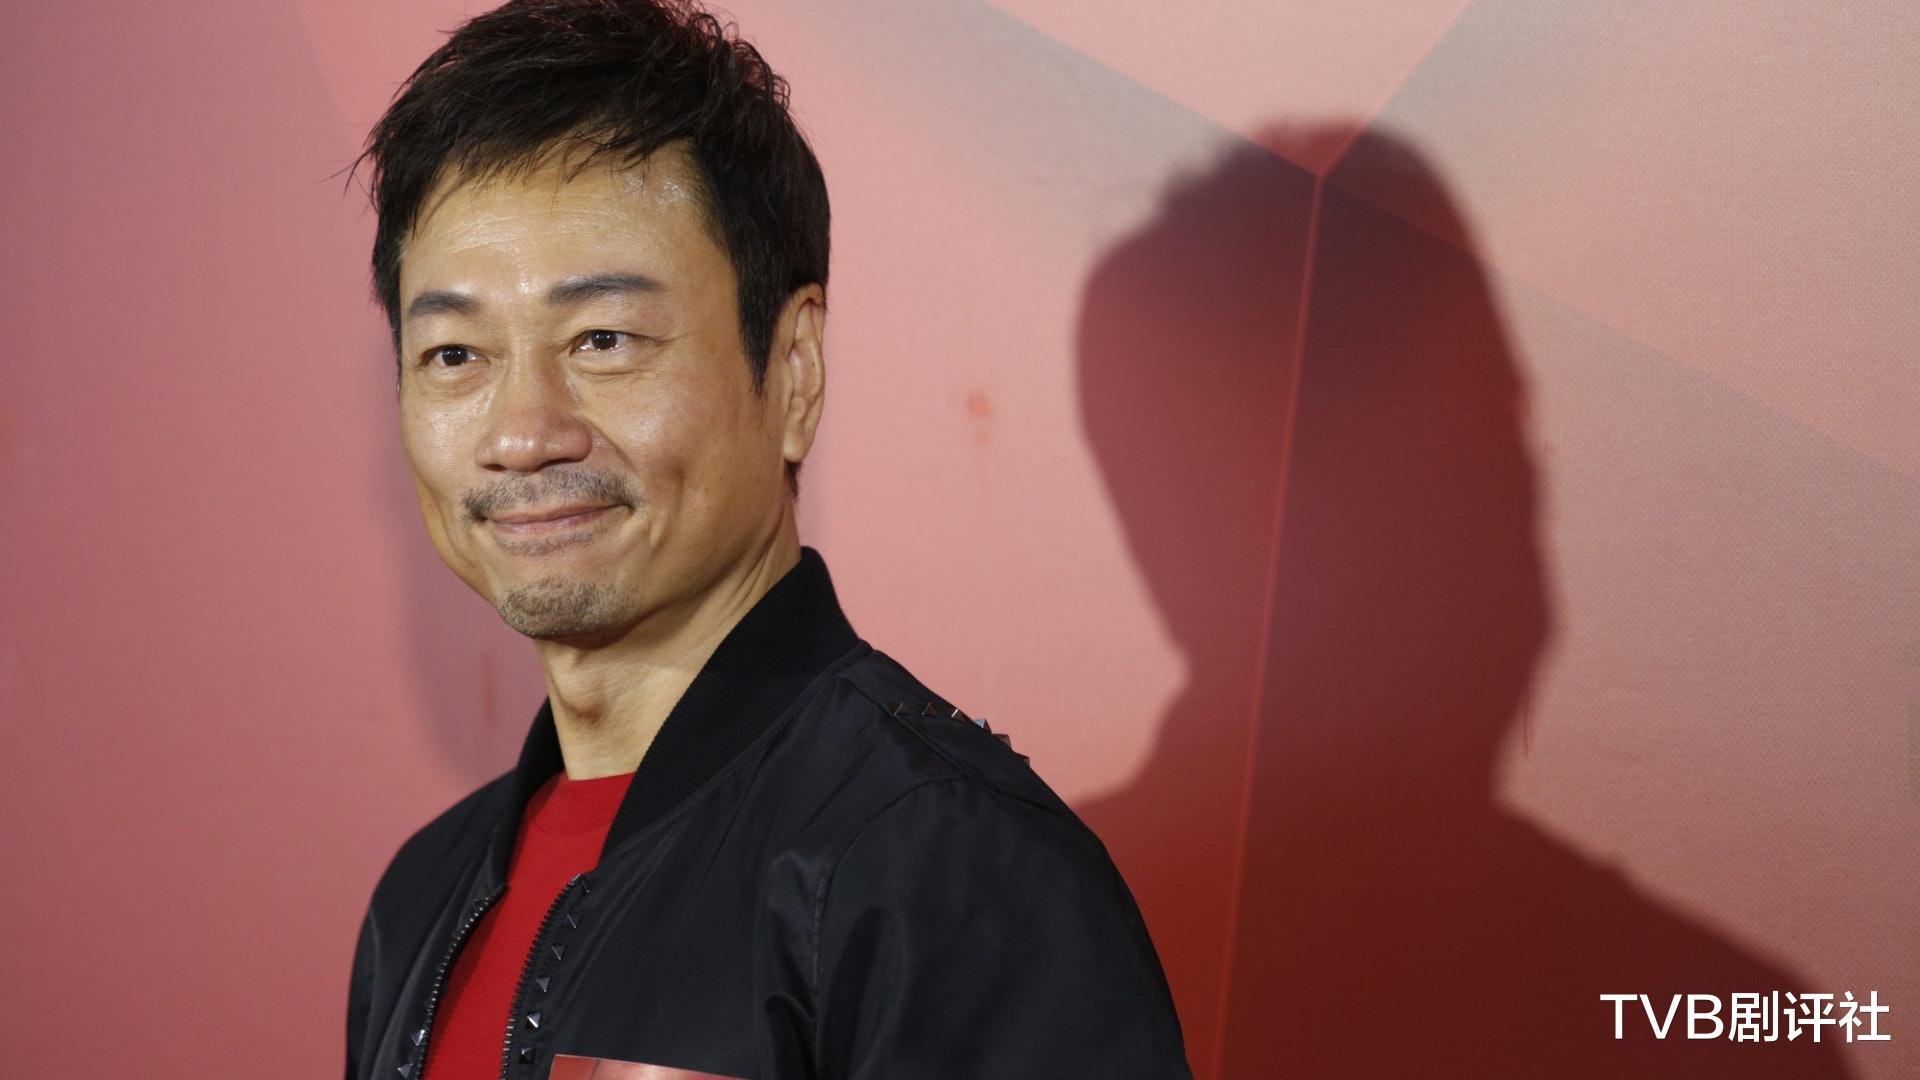 TVB開拍拳擊劇,與八年前劇同名同題材,網友:連劇名都懶得想-圖6